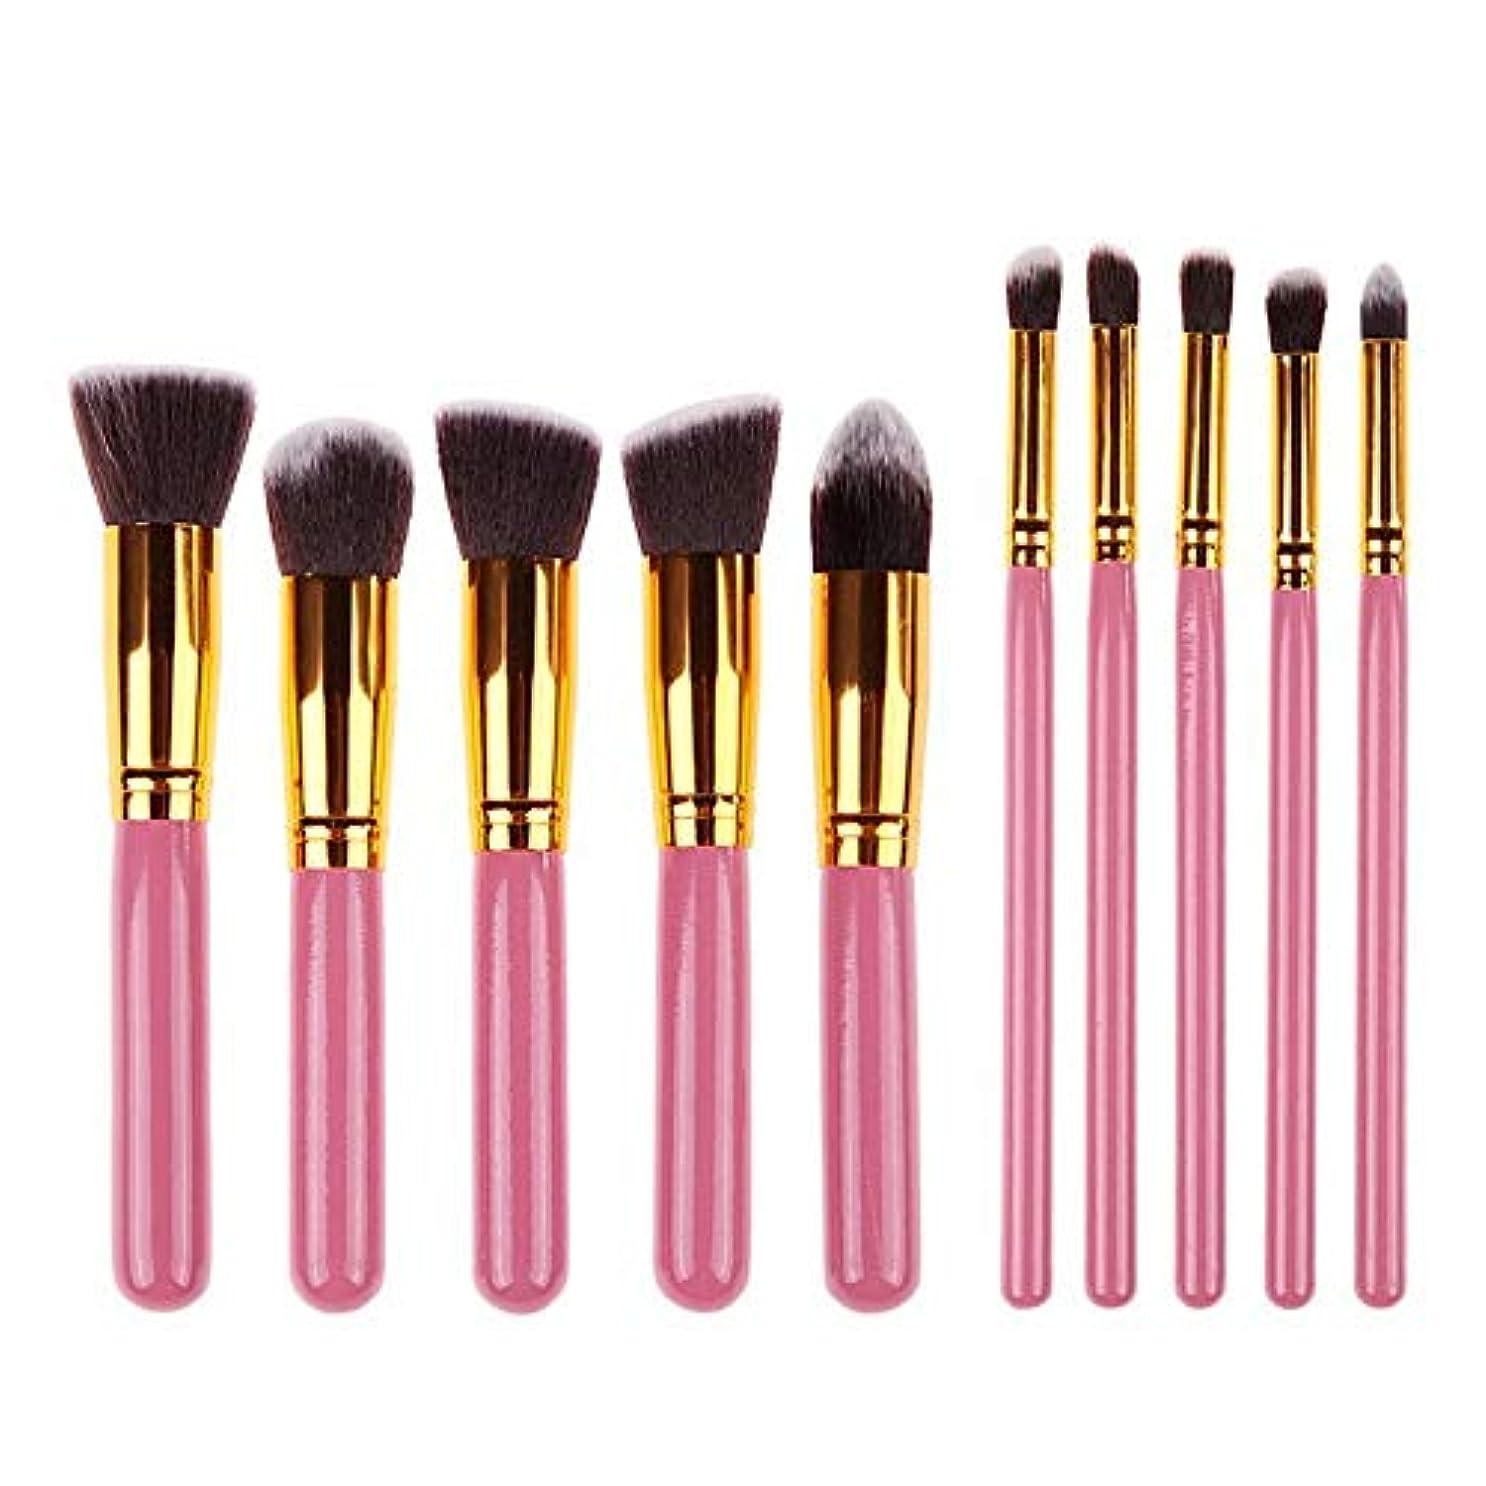 治世レタス弁護士Makeup brushes 10ピースピンクメイクアップブラシセット革新的な簡単パウダーパウダーアイシャドウブラシ輪郭ブラシ suits (Color : Pink Gold)